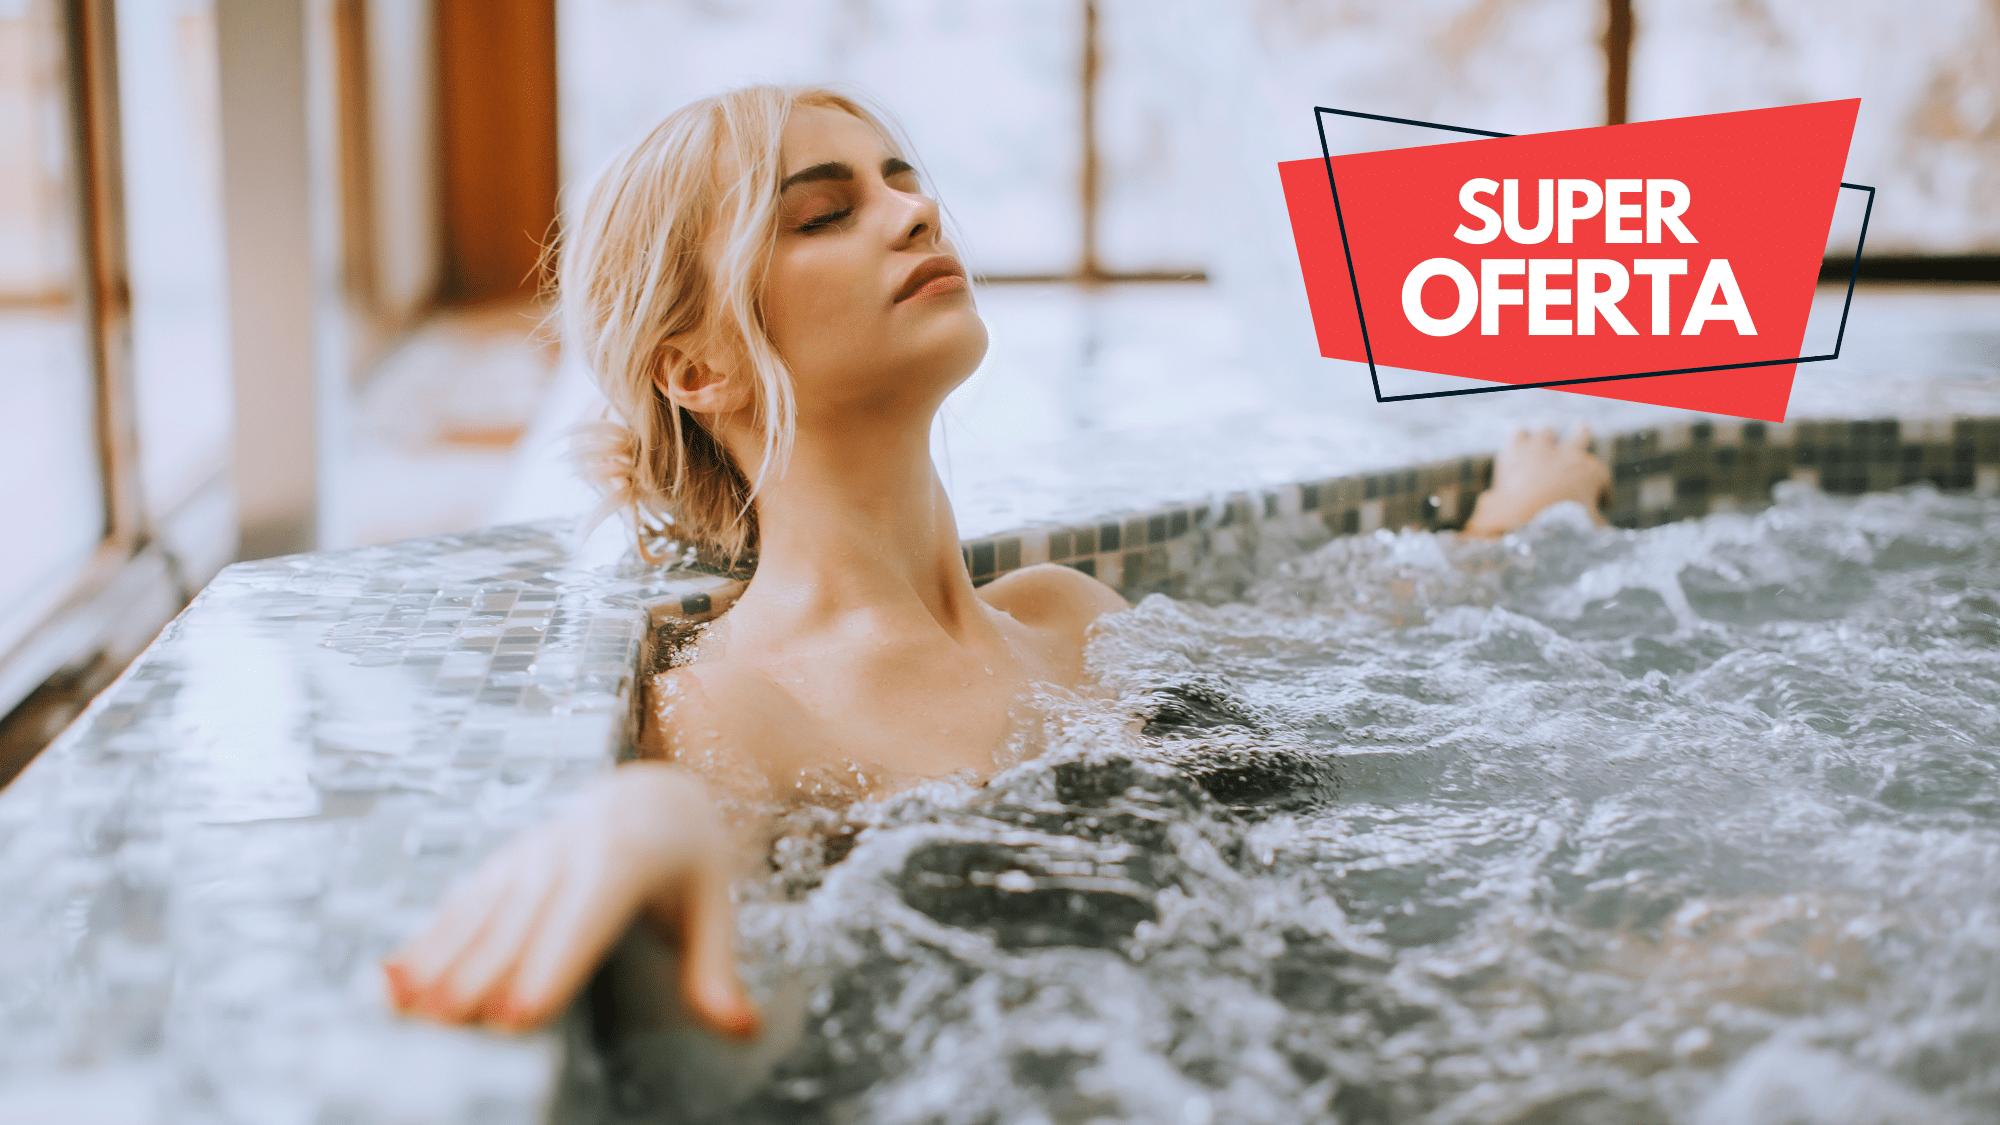 escapadas spa a balnearios con circuitos termales y masajes en españa con ofertas y economicos en el balneario de Ariño en Teruel